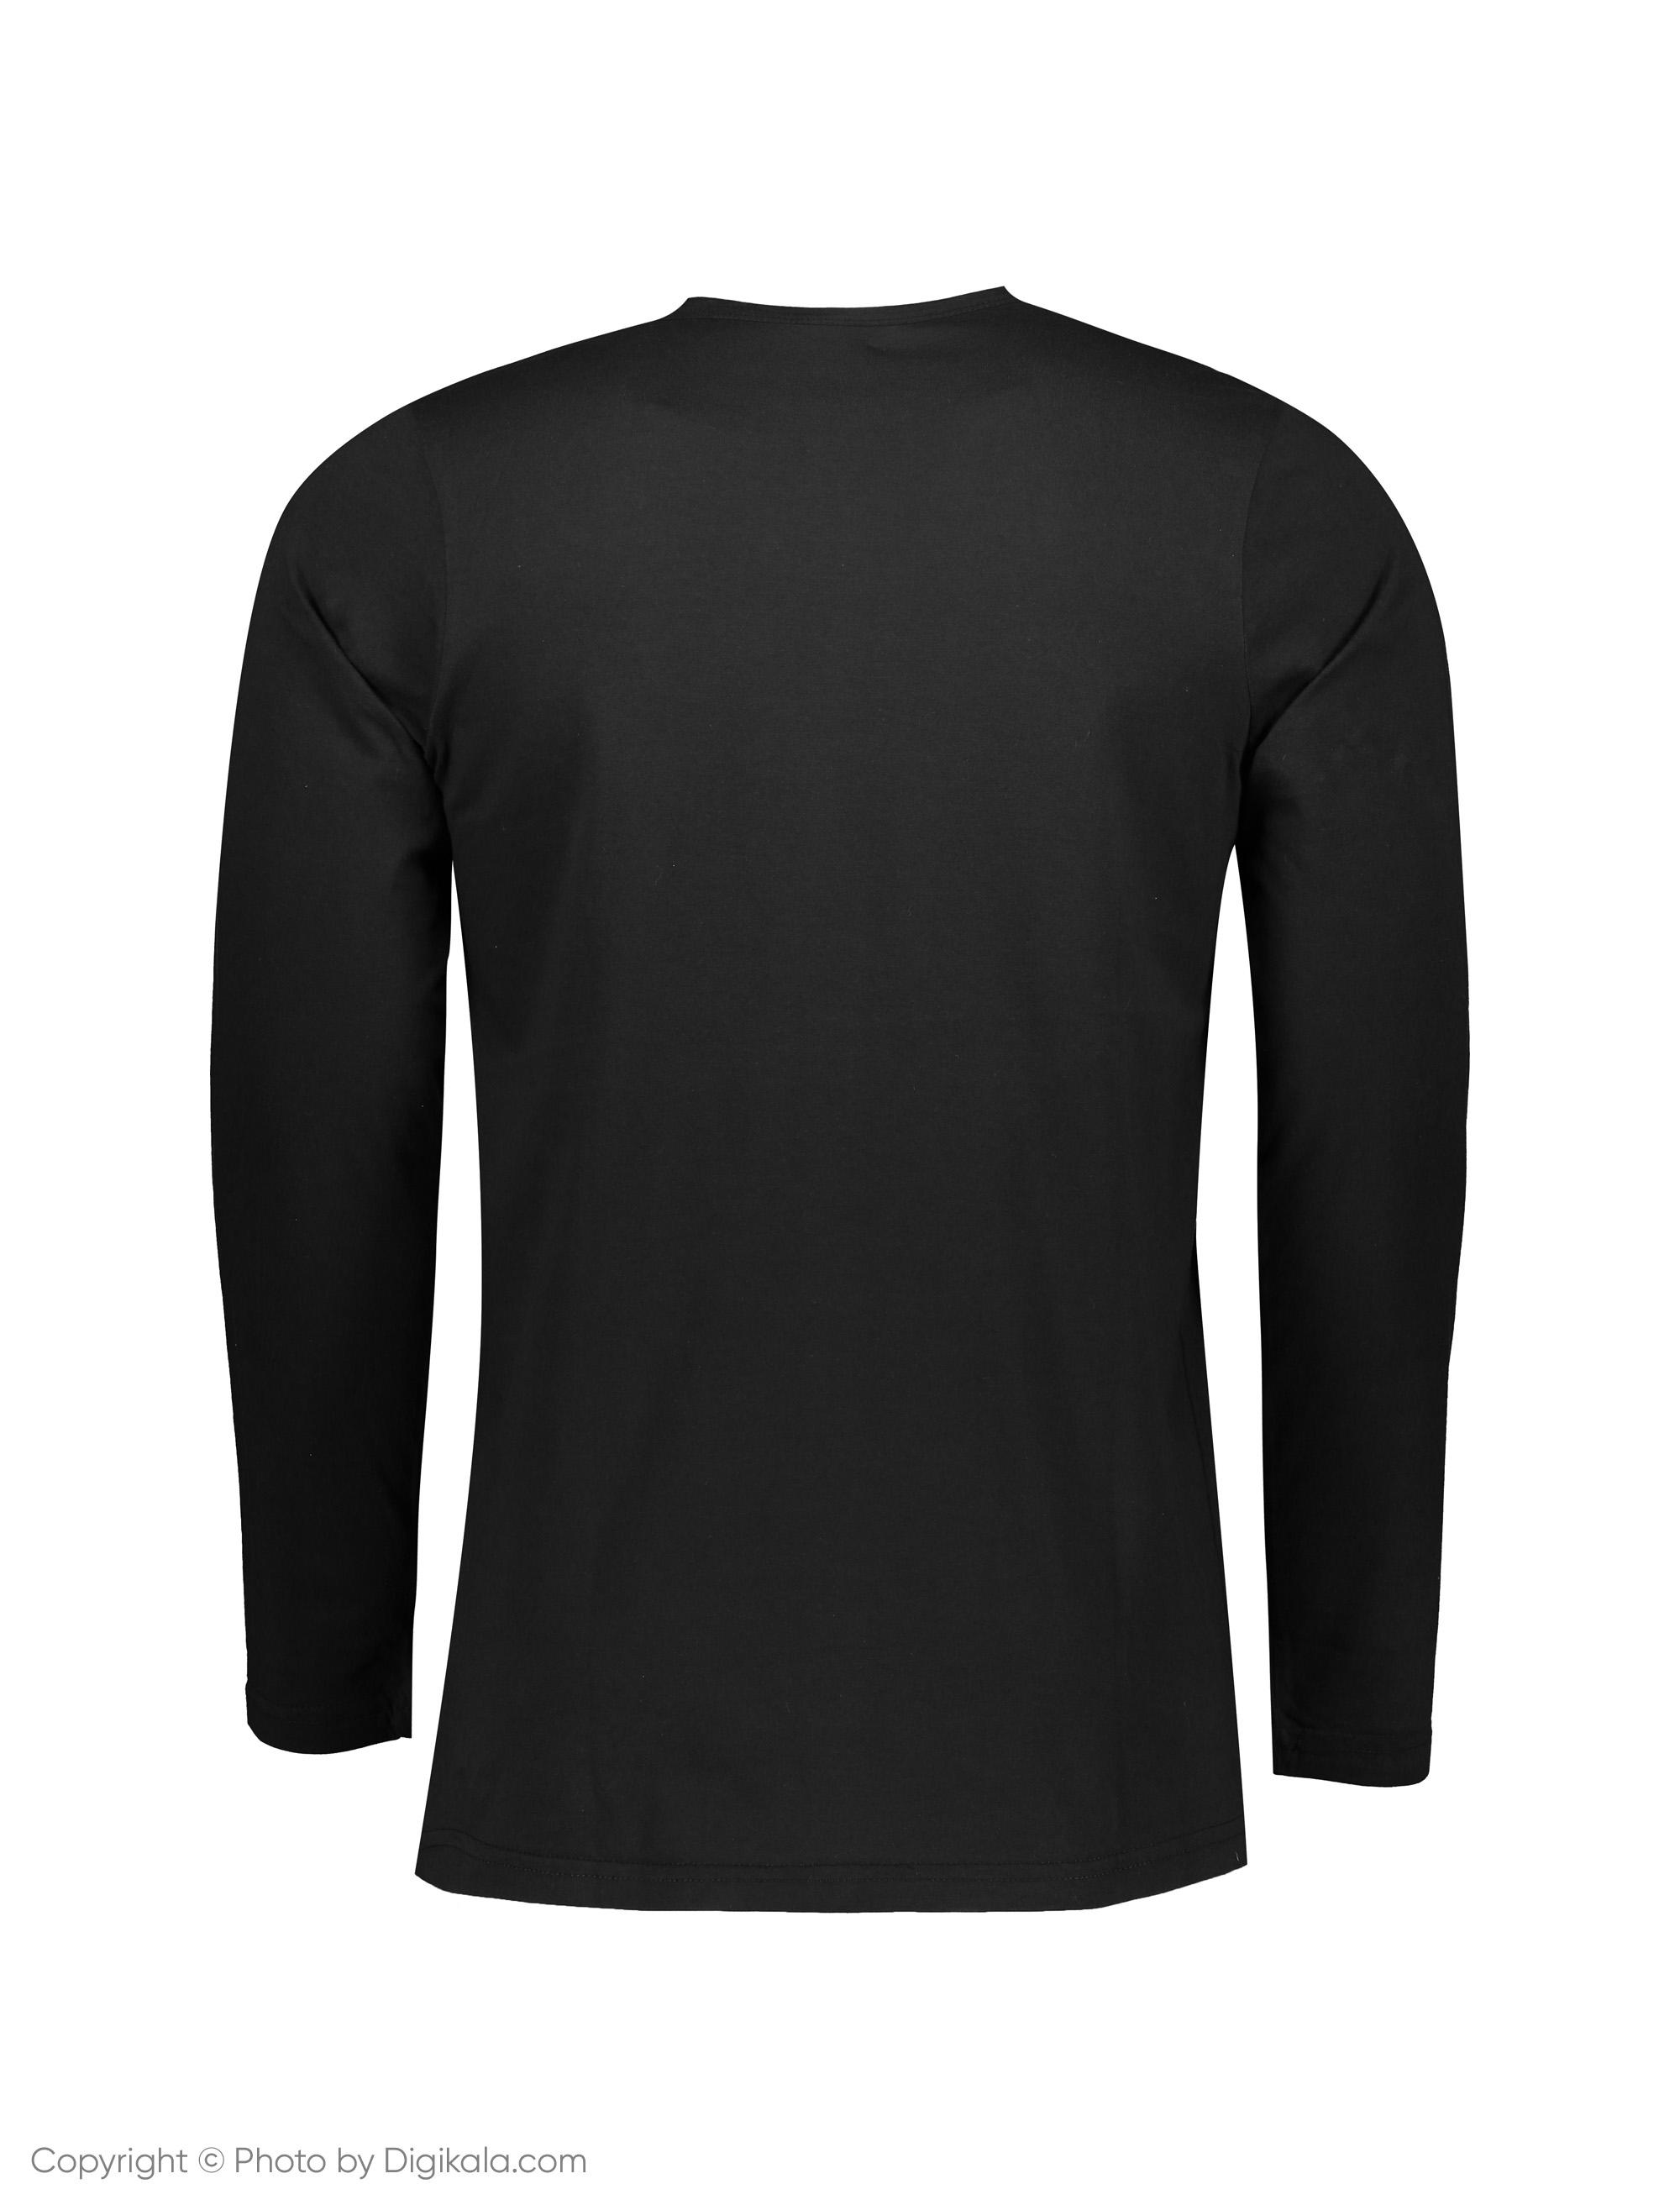 تی شرت مردانه آگرین مدل 1431135-99 -  - 3